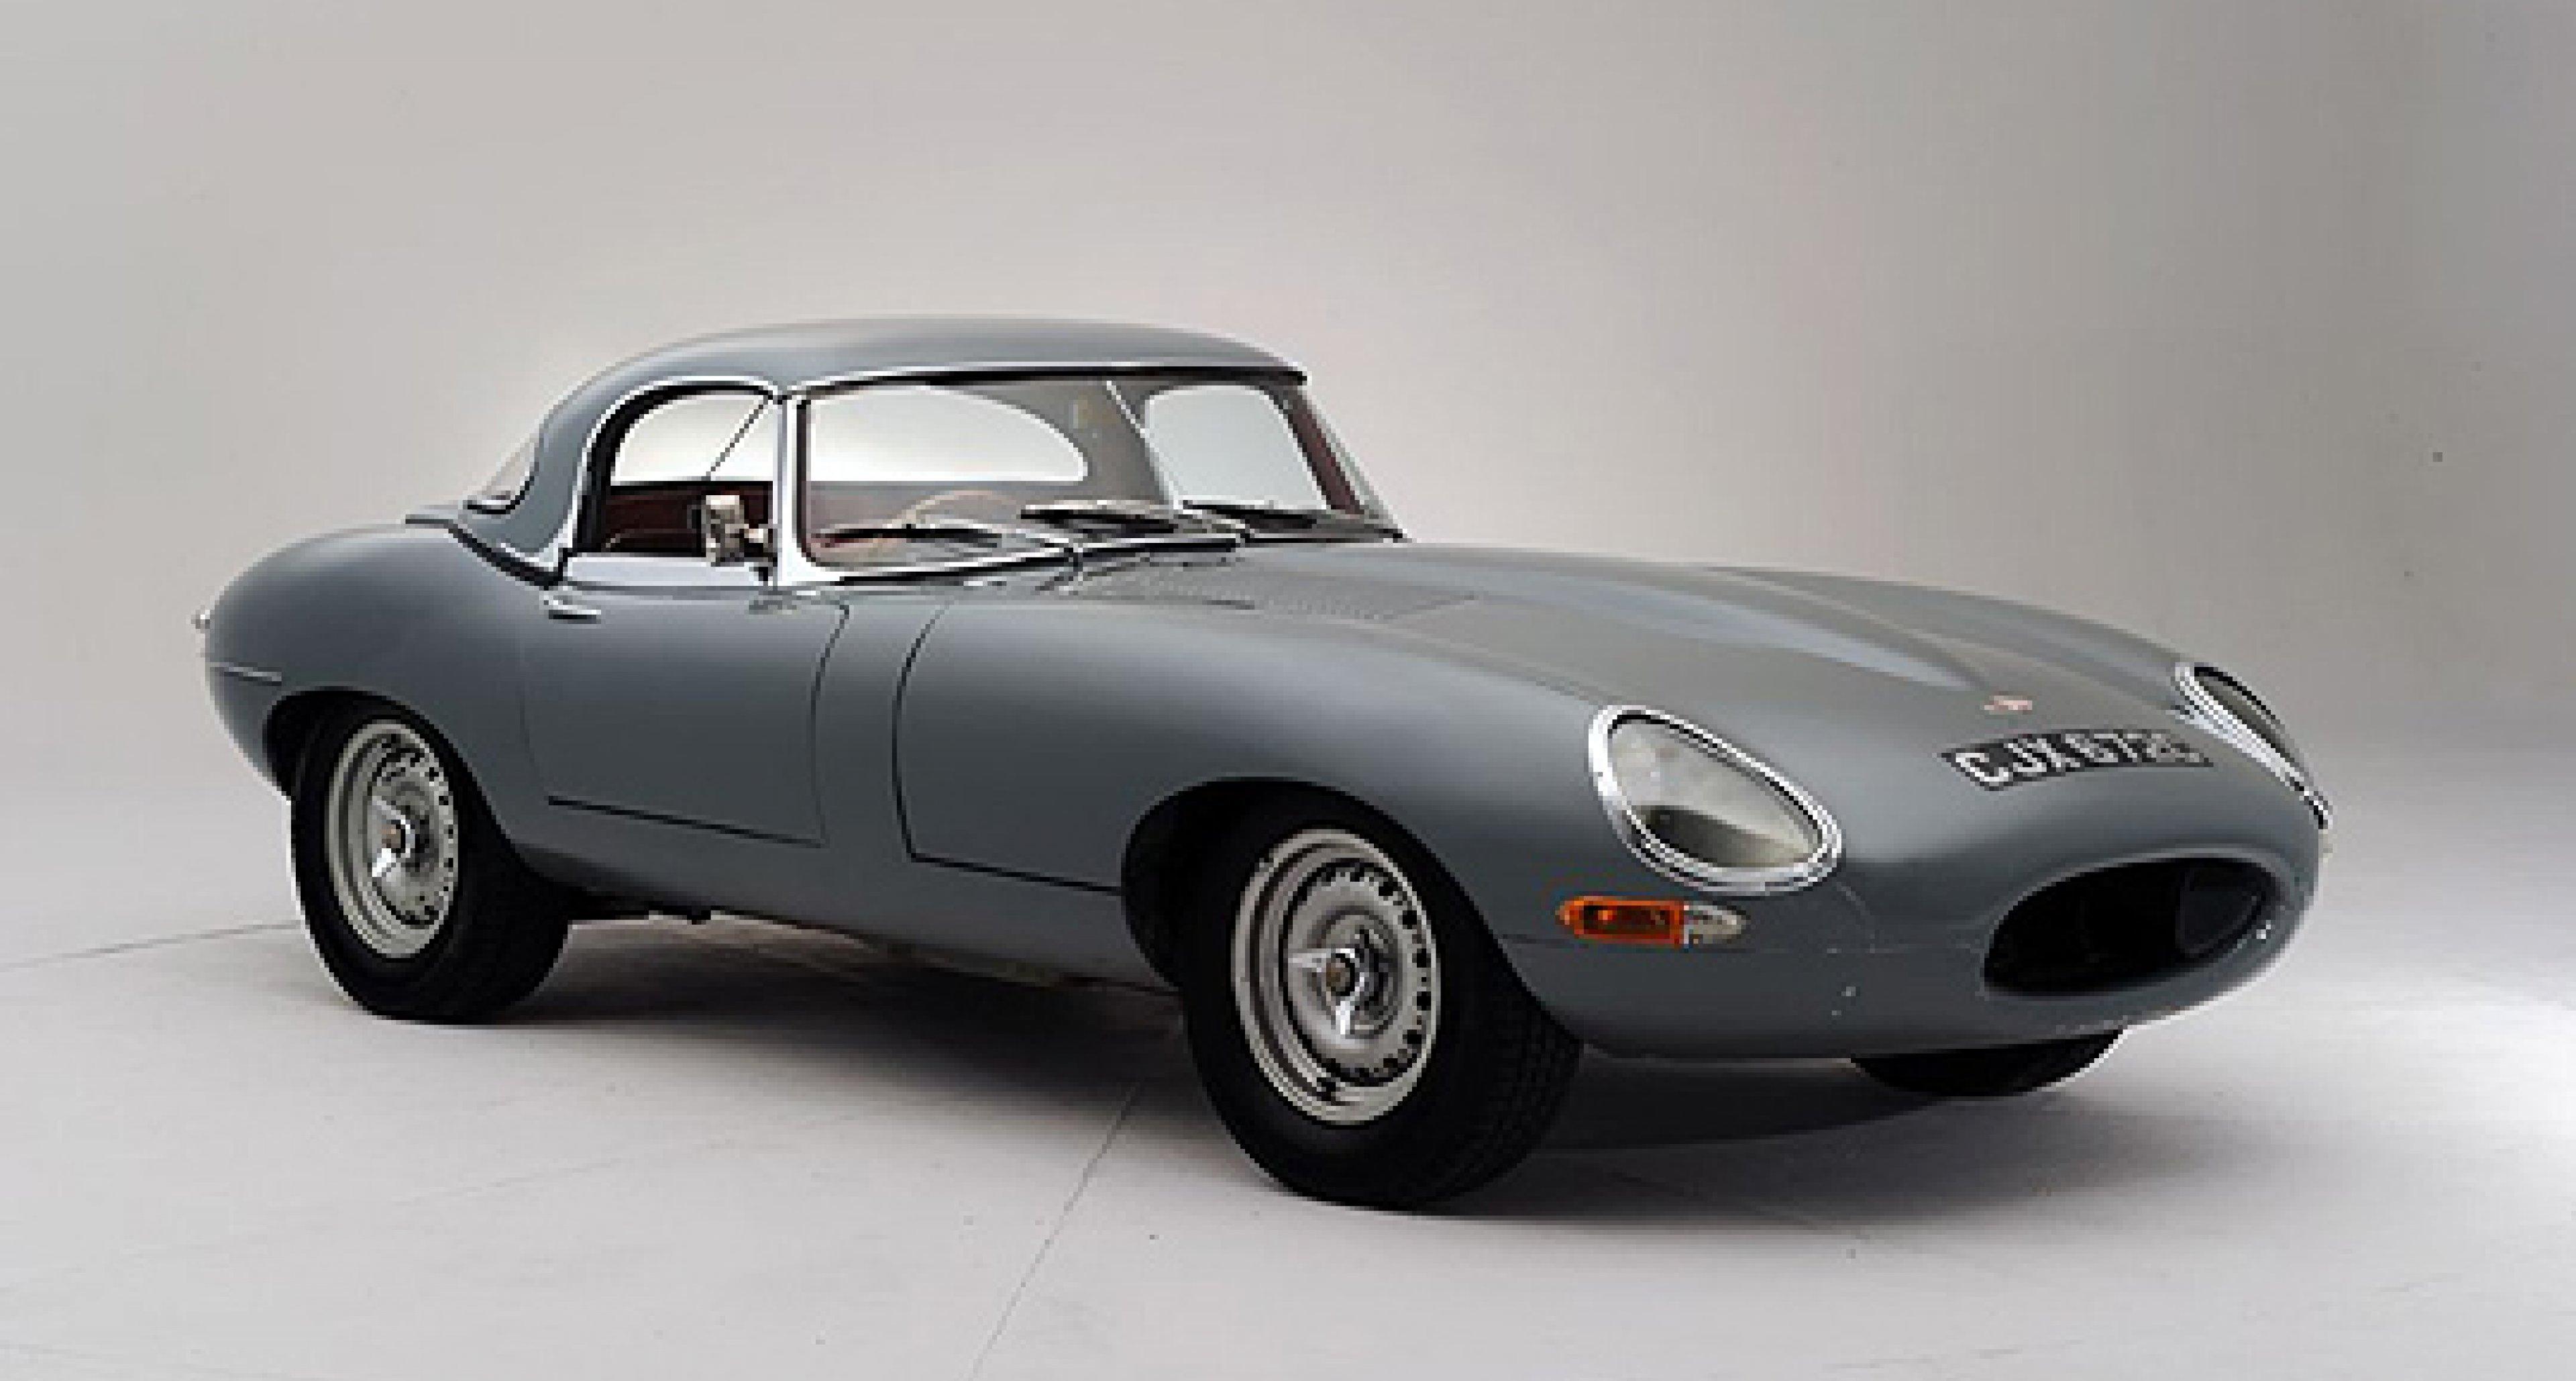 Bonhams versteigert wichtige Jaguar-Klassiker beim Goodwood Revival